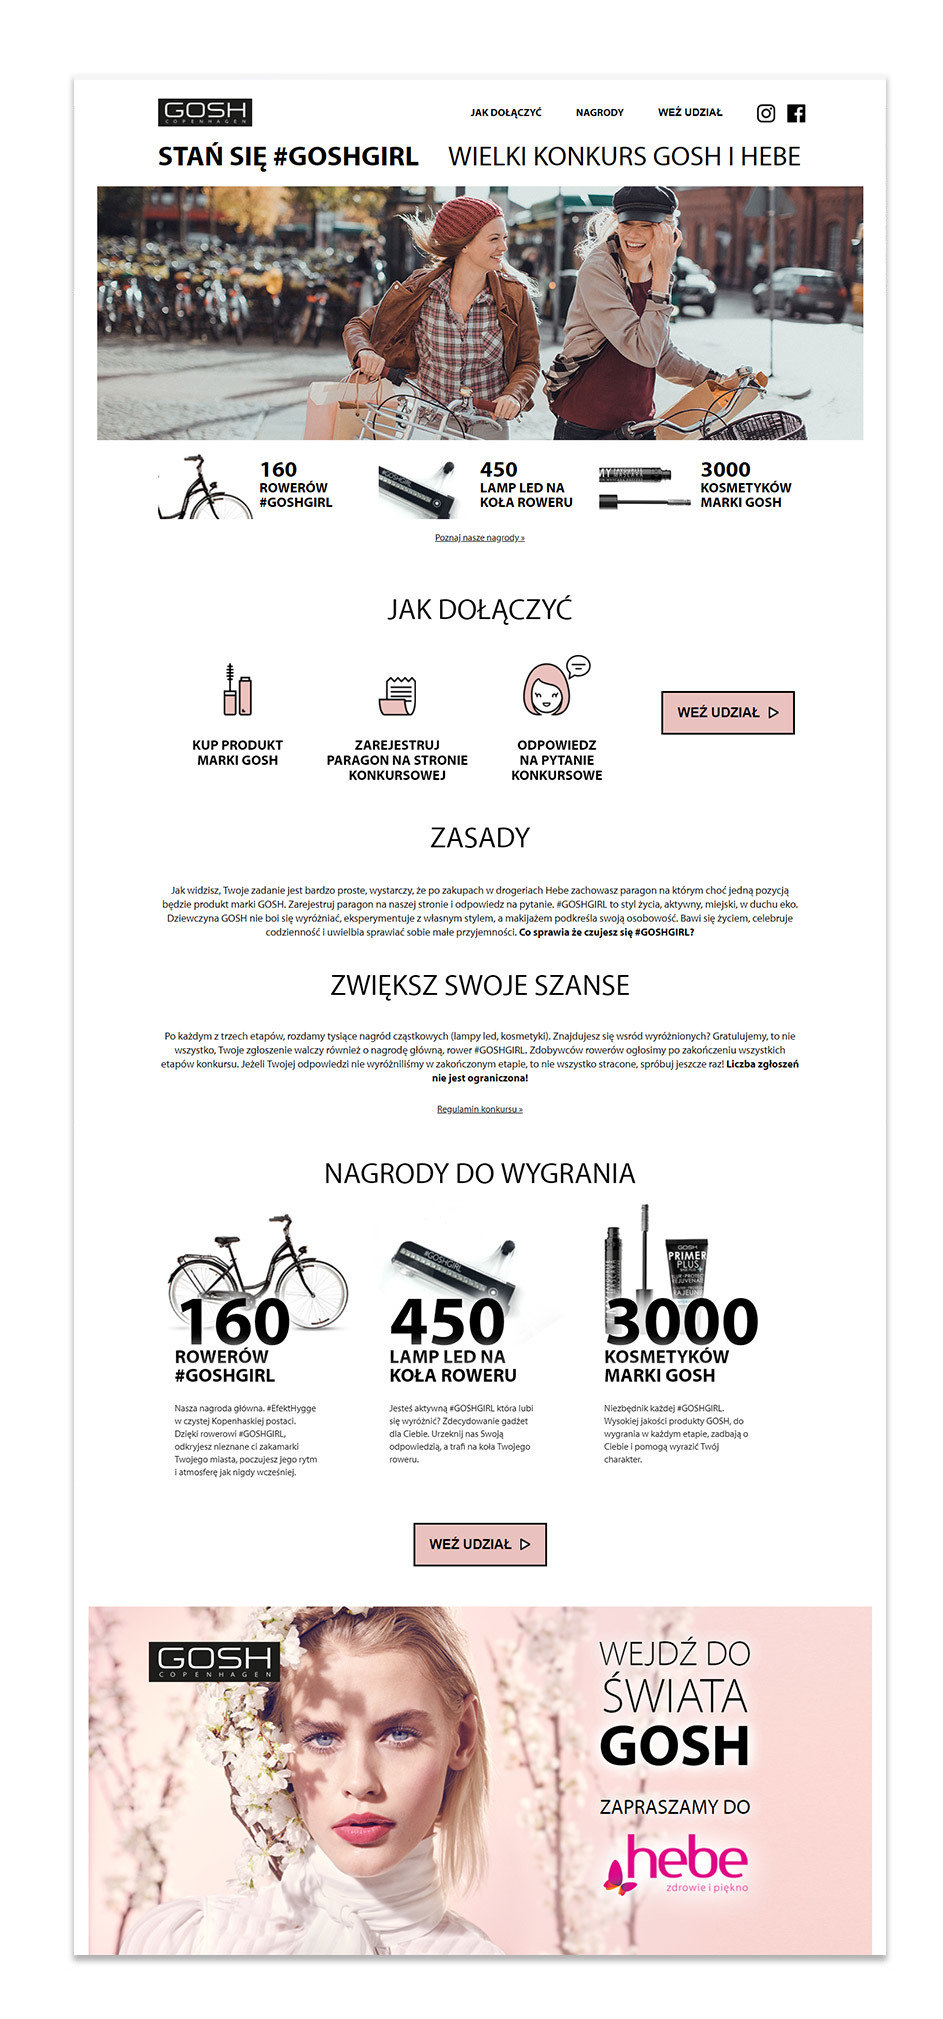 gosh_grafika1.jpg